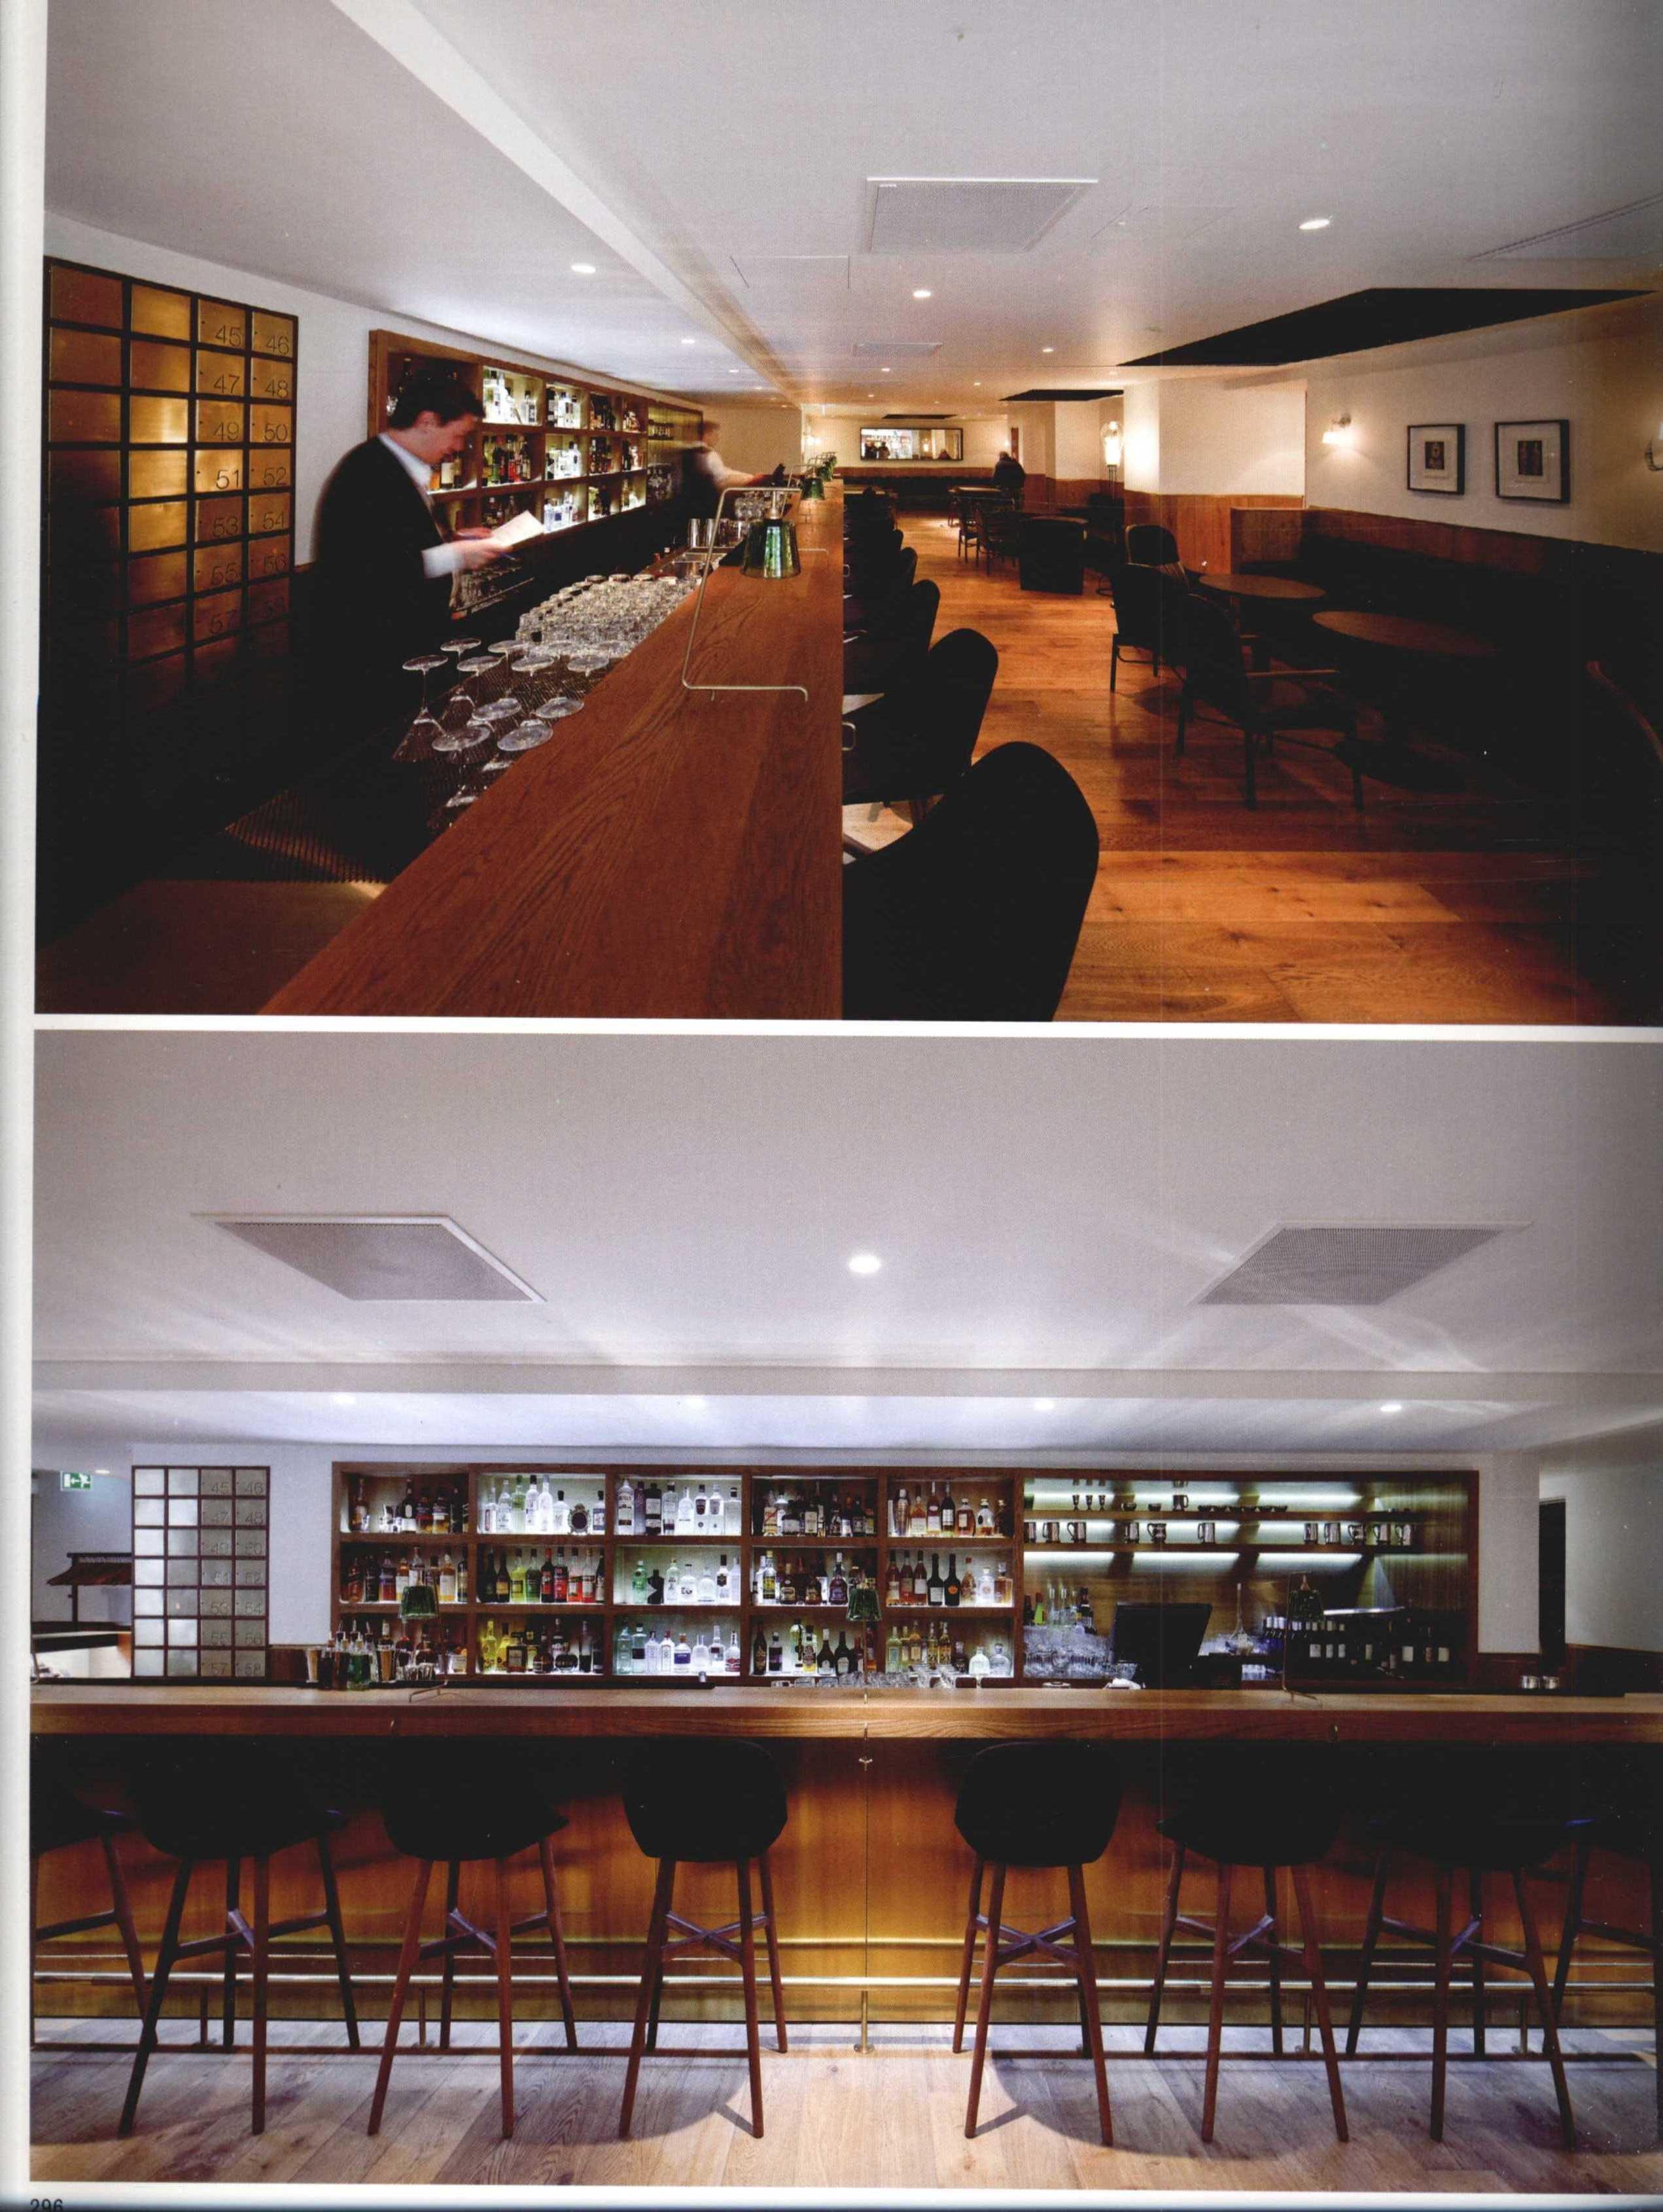 2012全球室内设计年鉴  餐饮_Page_289.jpg